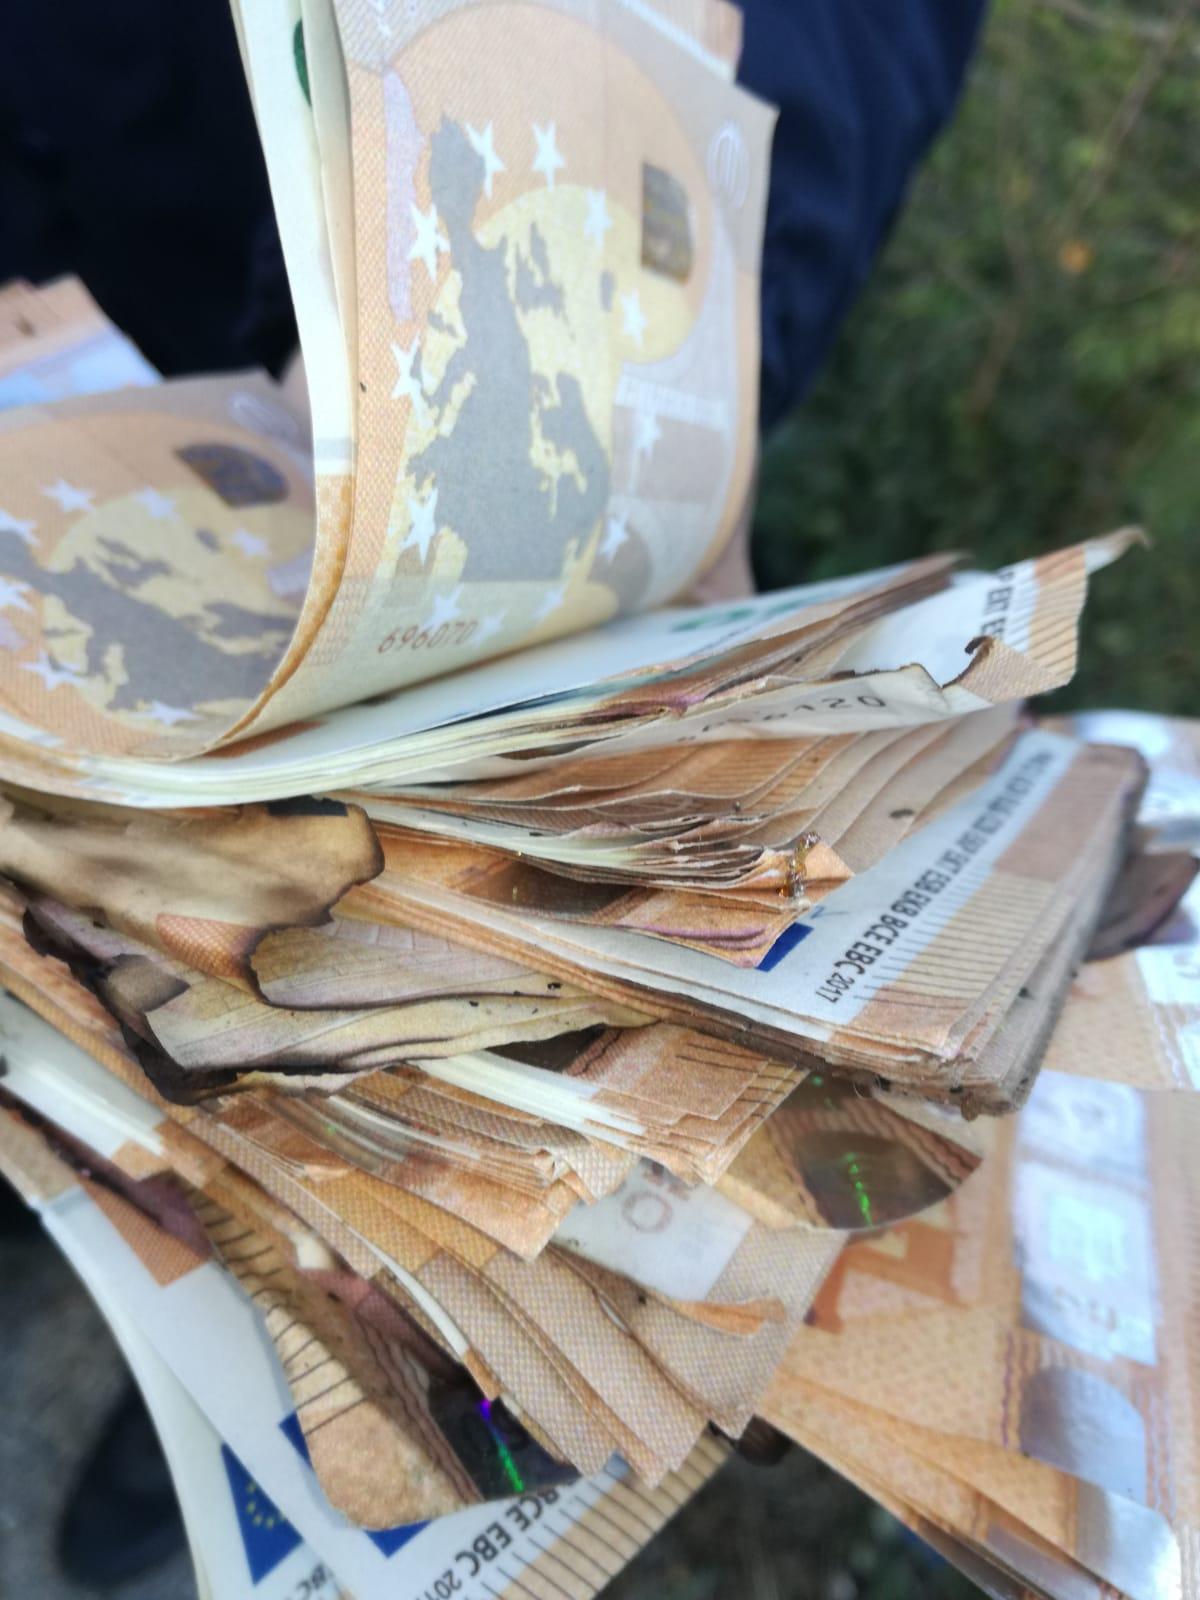 Montesarchio. In una discarica abusiva trovati tanti soldi: veri o falsi?